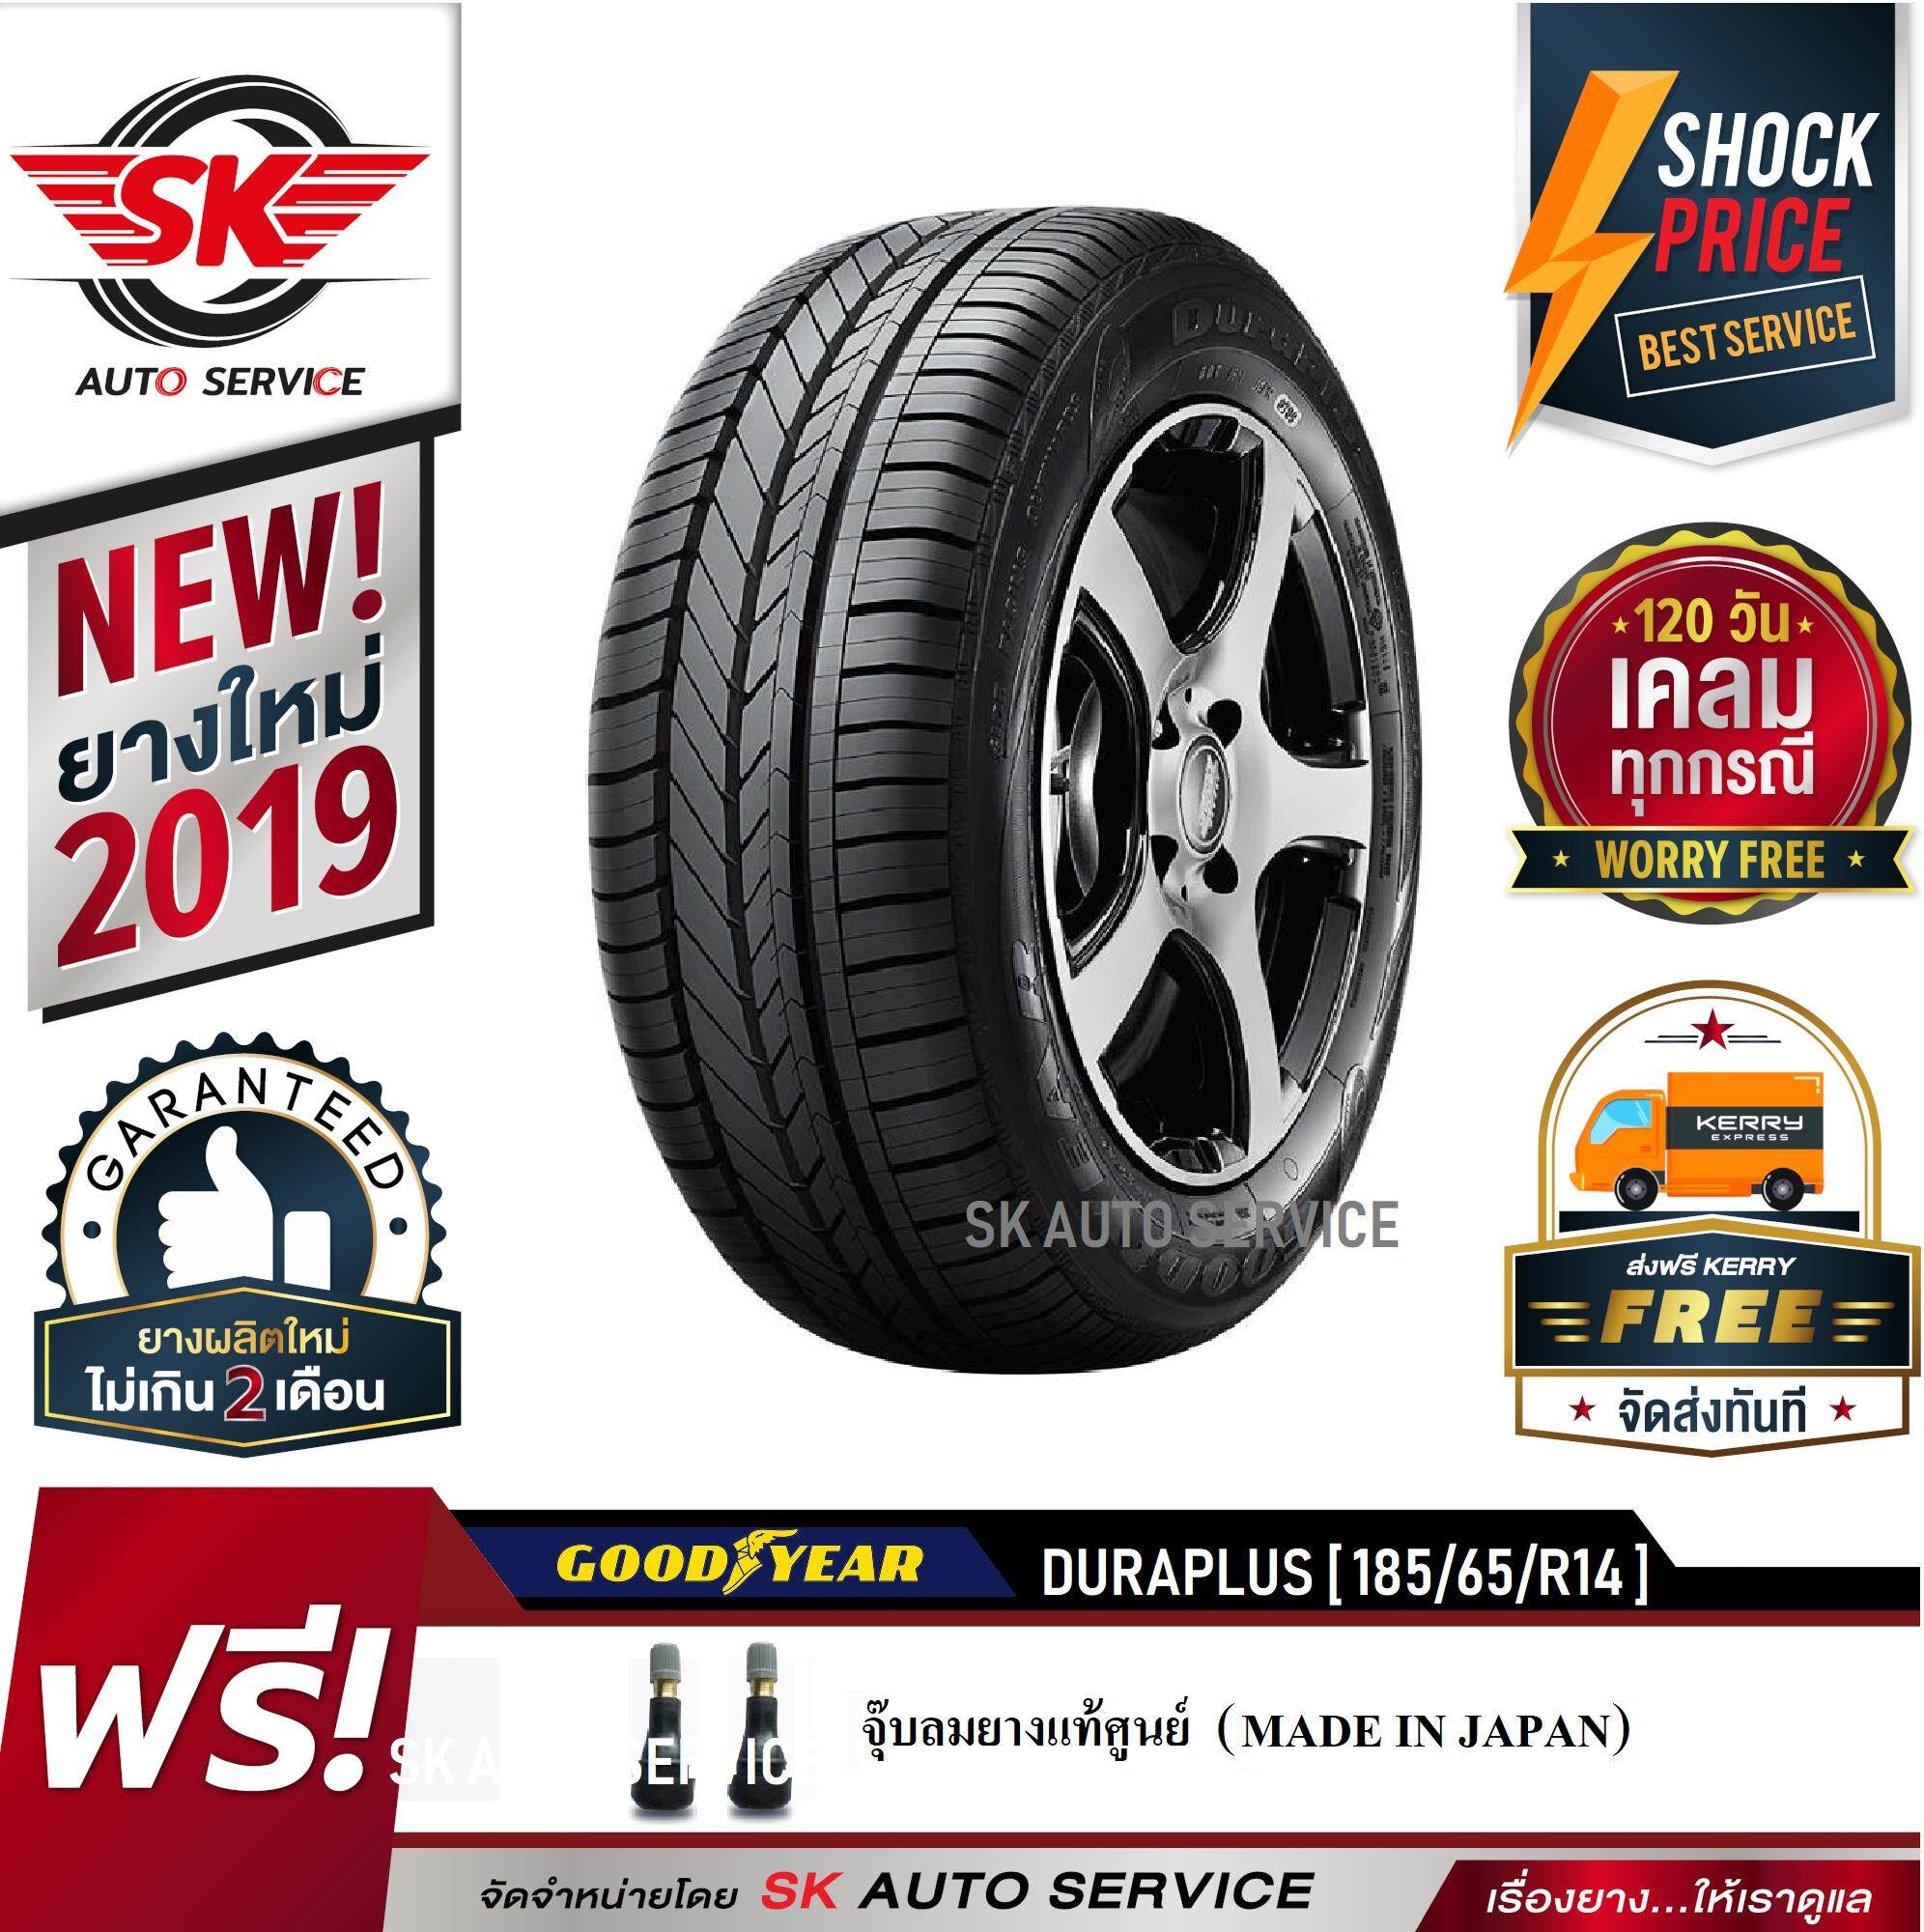 ราชบุรี ยางรถยนต์ GOODYEAR 185/65R14 (ล้อขอบ14) รุ่น DURAPLUS 2 เส้น (ล๊อตใหม่ ปี2019)